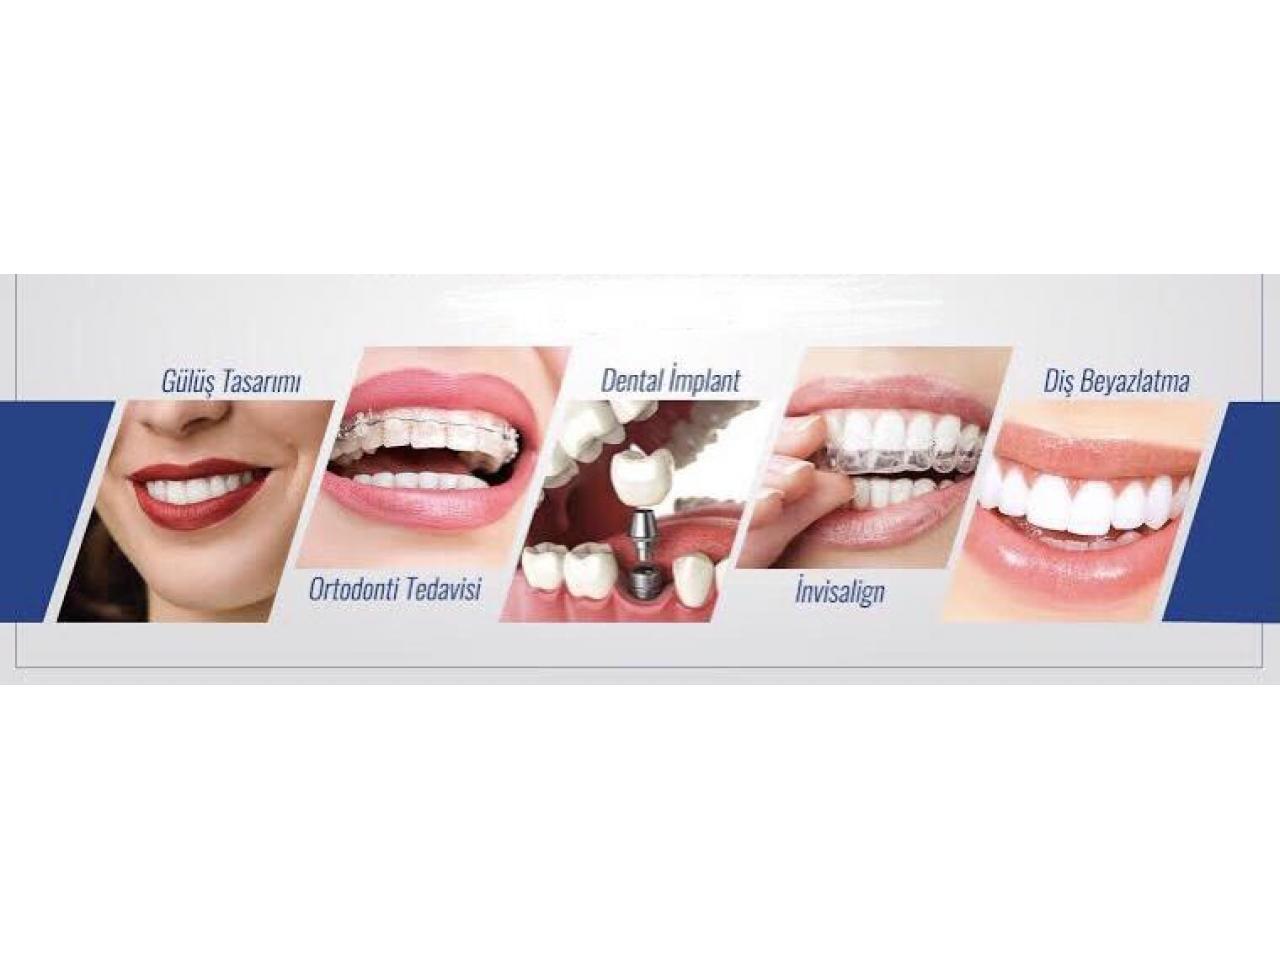 Турция! Отдых и Лечение! Стоматологические/Эстетические услуги в клиниках Стамбула - 2